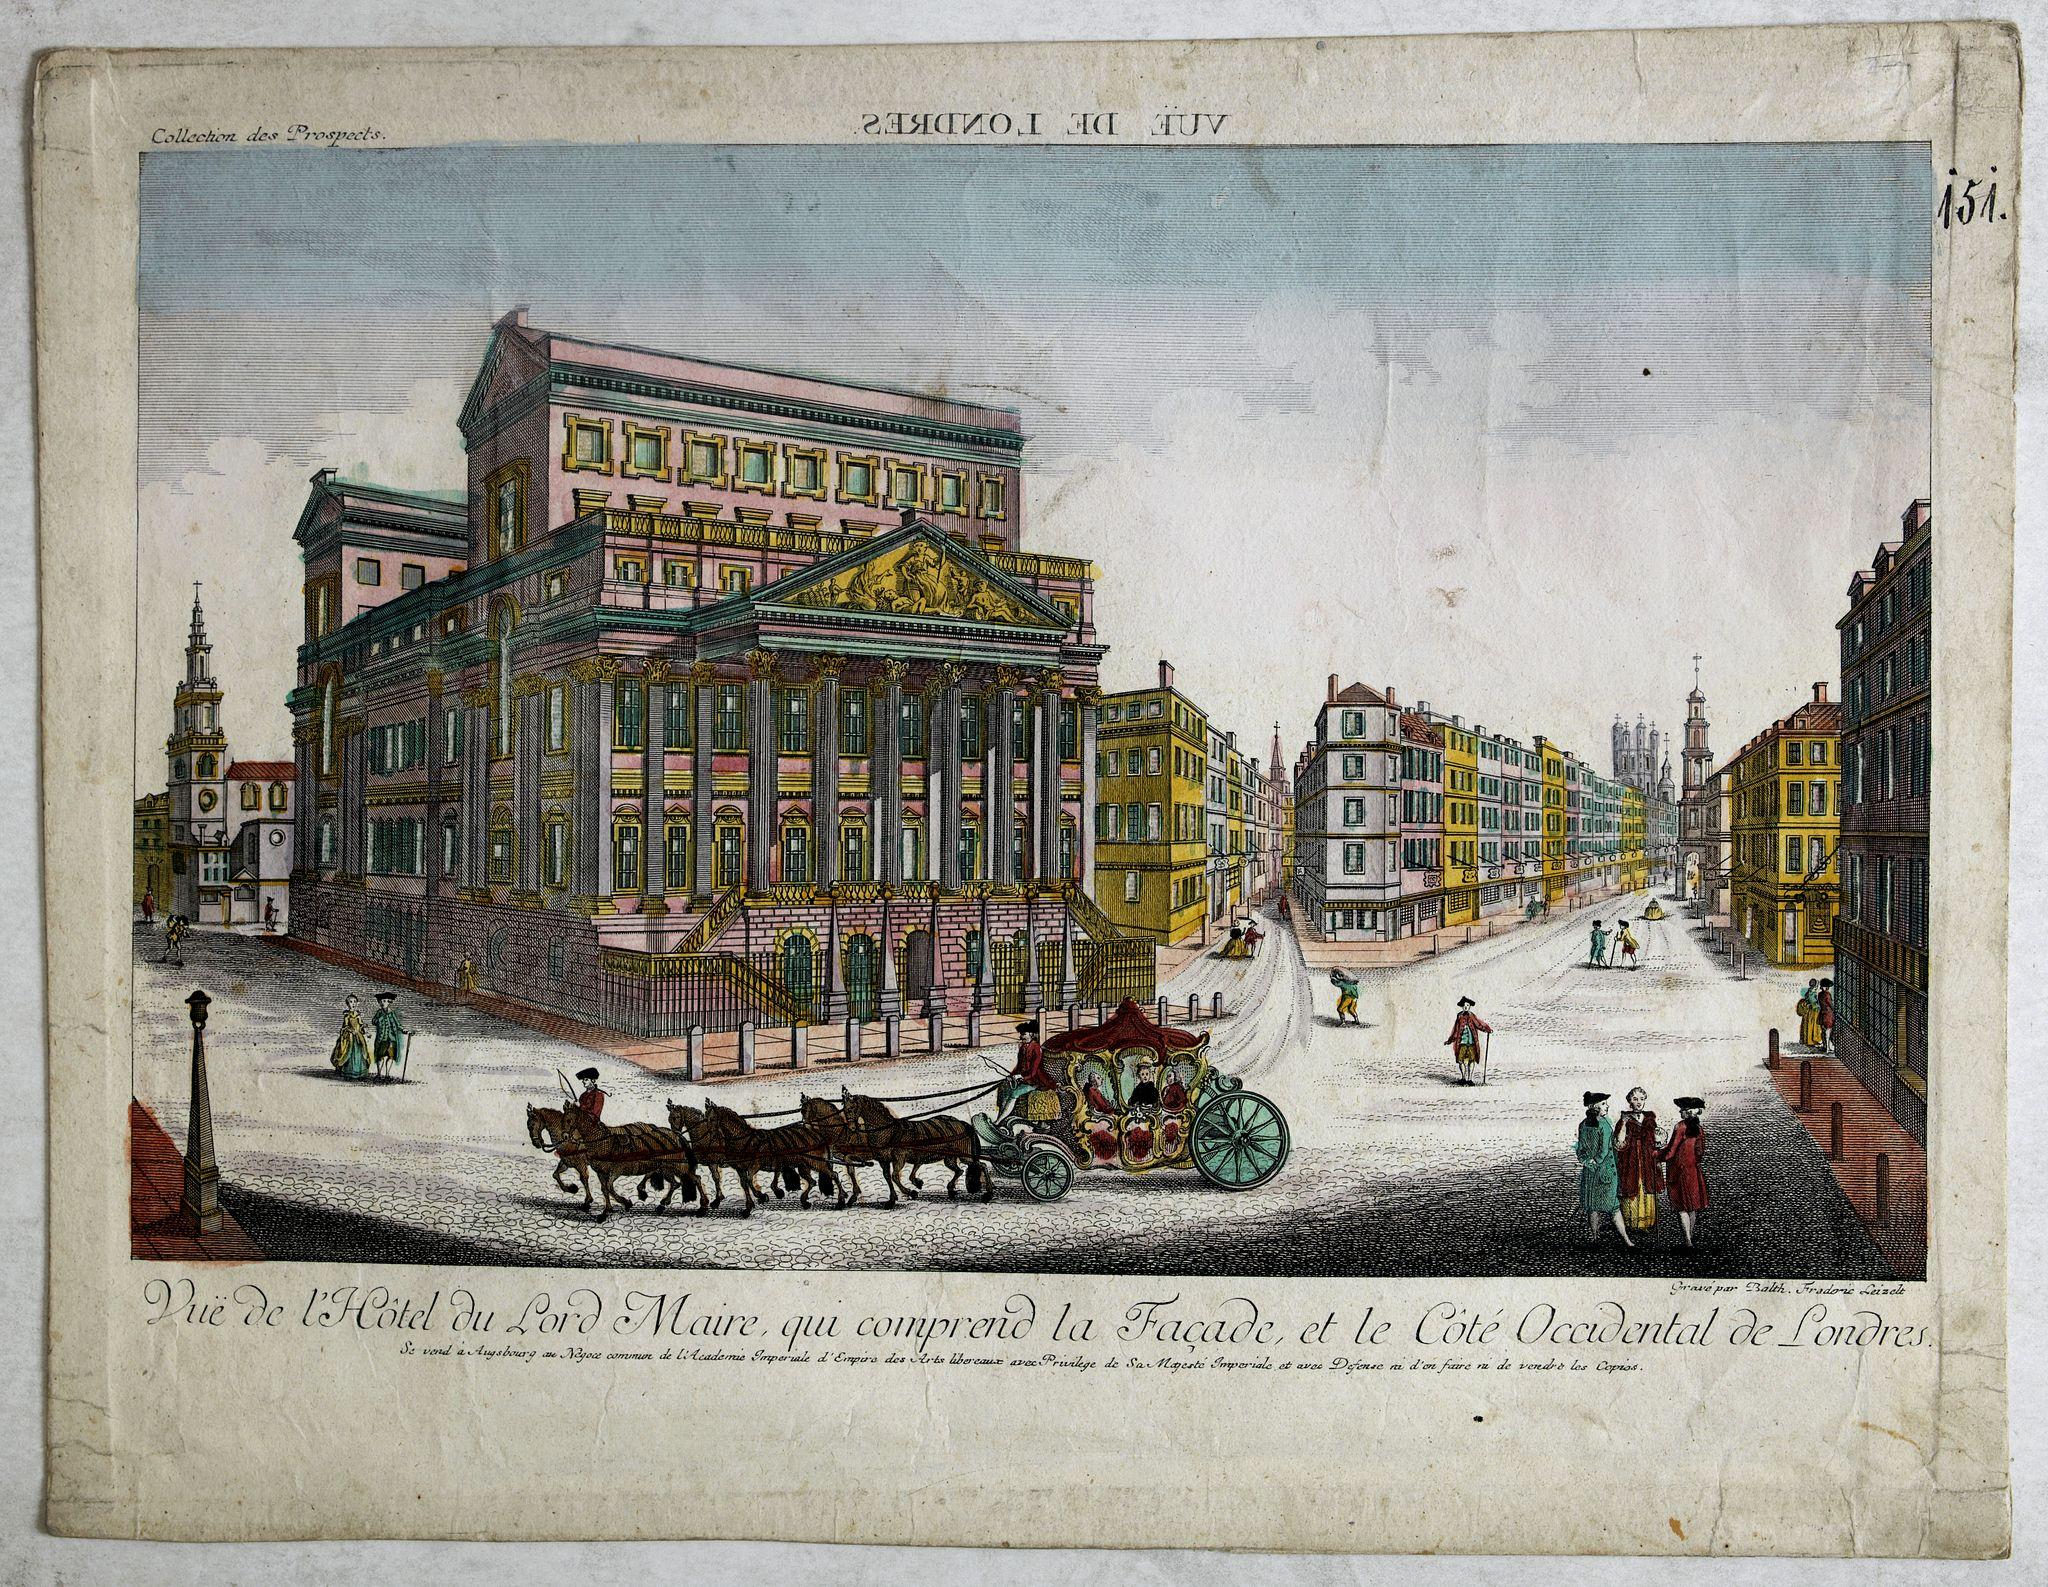 ACADEMIE -  Vue de l Hotel du Lord Maire, qui comprend la Façade, et le Cot' Occidental de Londres.